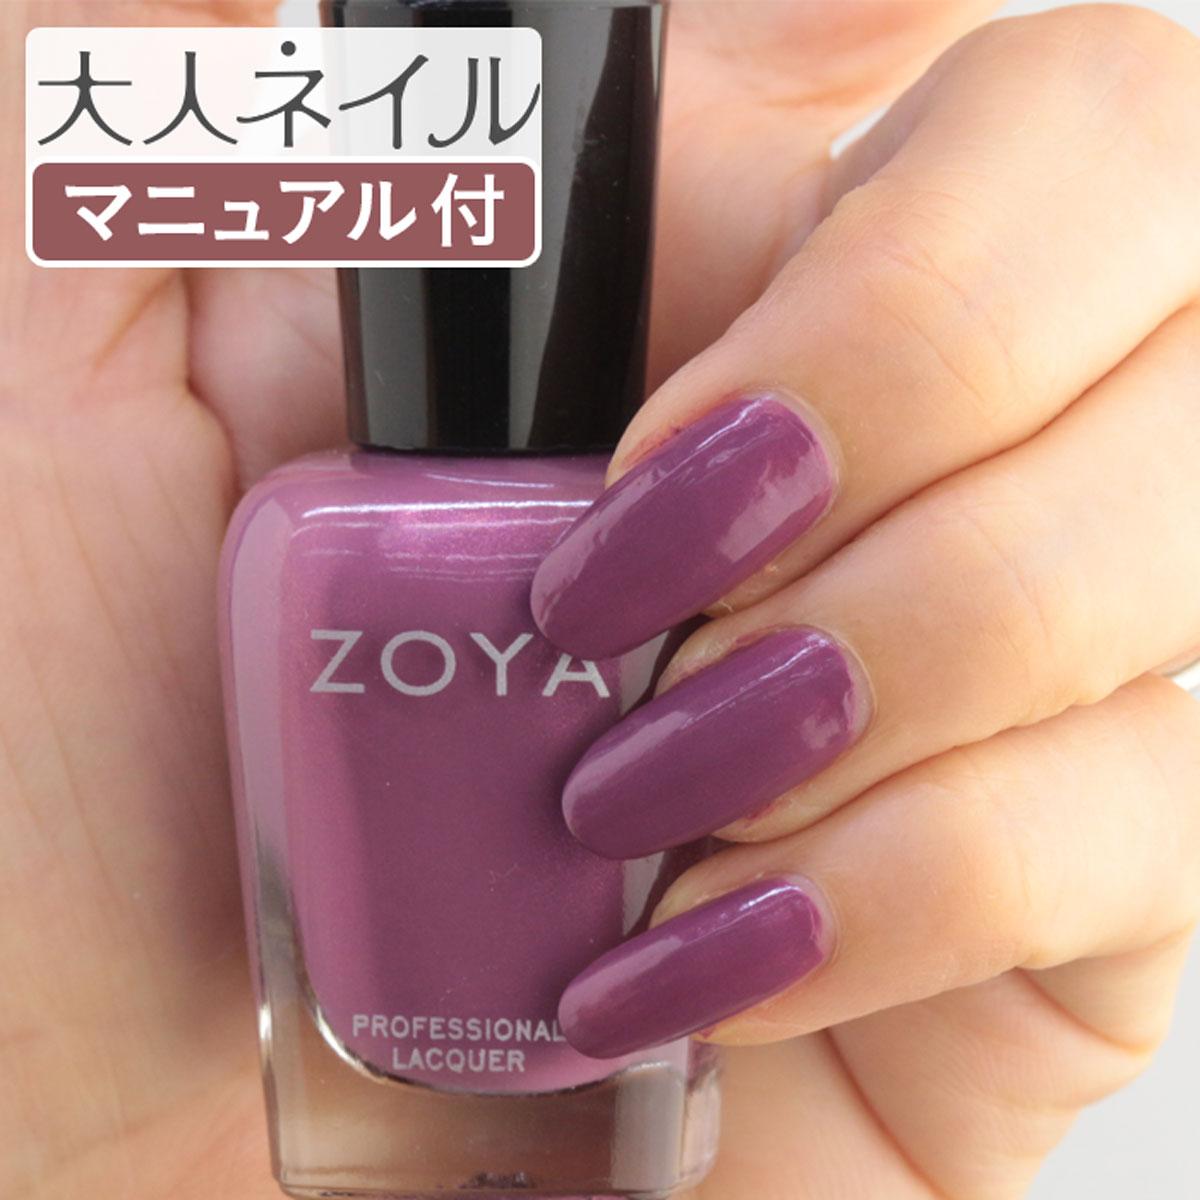 ZOYA ゾーヤ ゾヤ ネイルカラー ZP1048 15mL TERESA 自爪 の為に作られた ネイル 爪にやさしい 自然派 マニキュア zoya セルフネイル にもおすすめ Cream クリーム パープル ルビー 秋ネイル 秋カラー